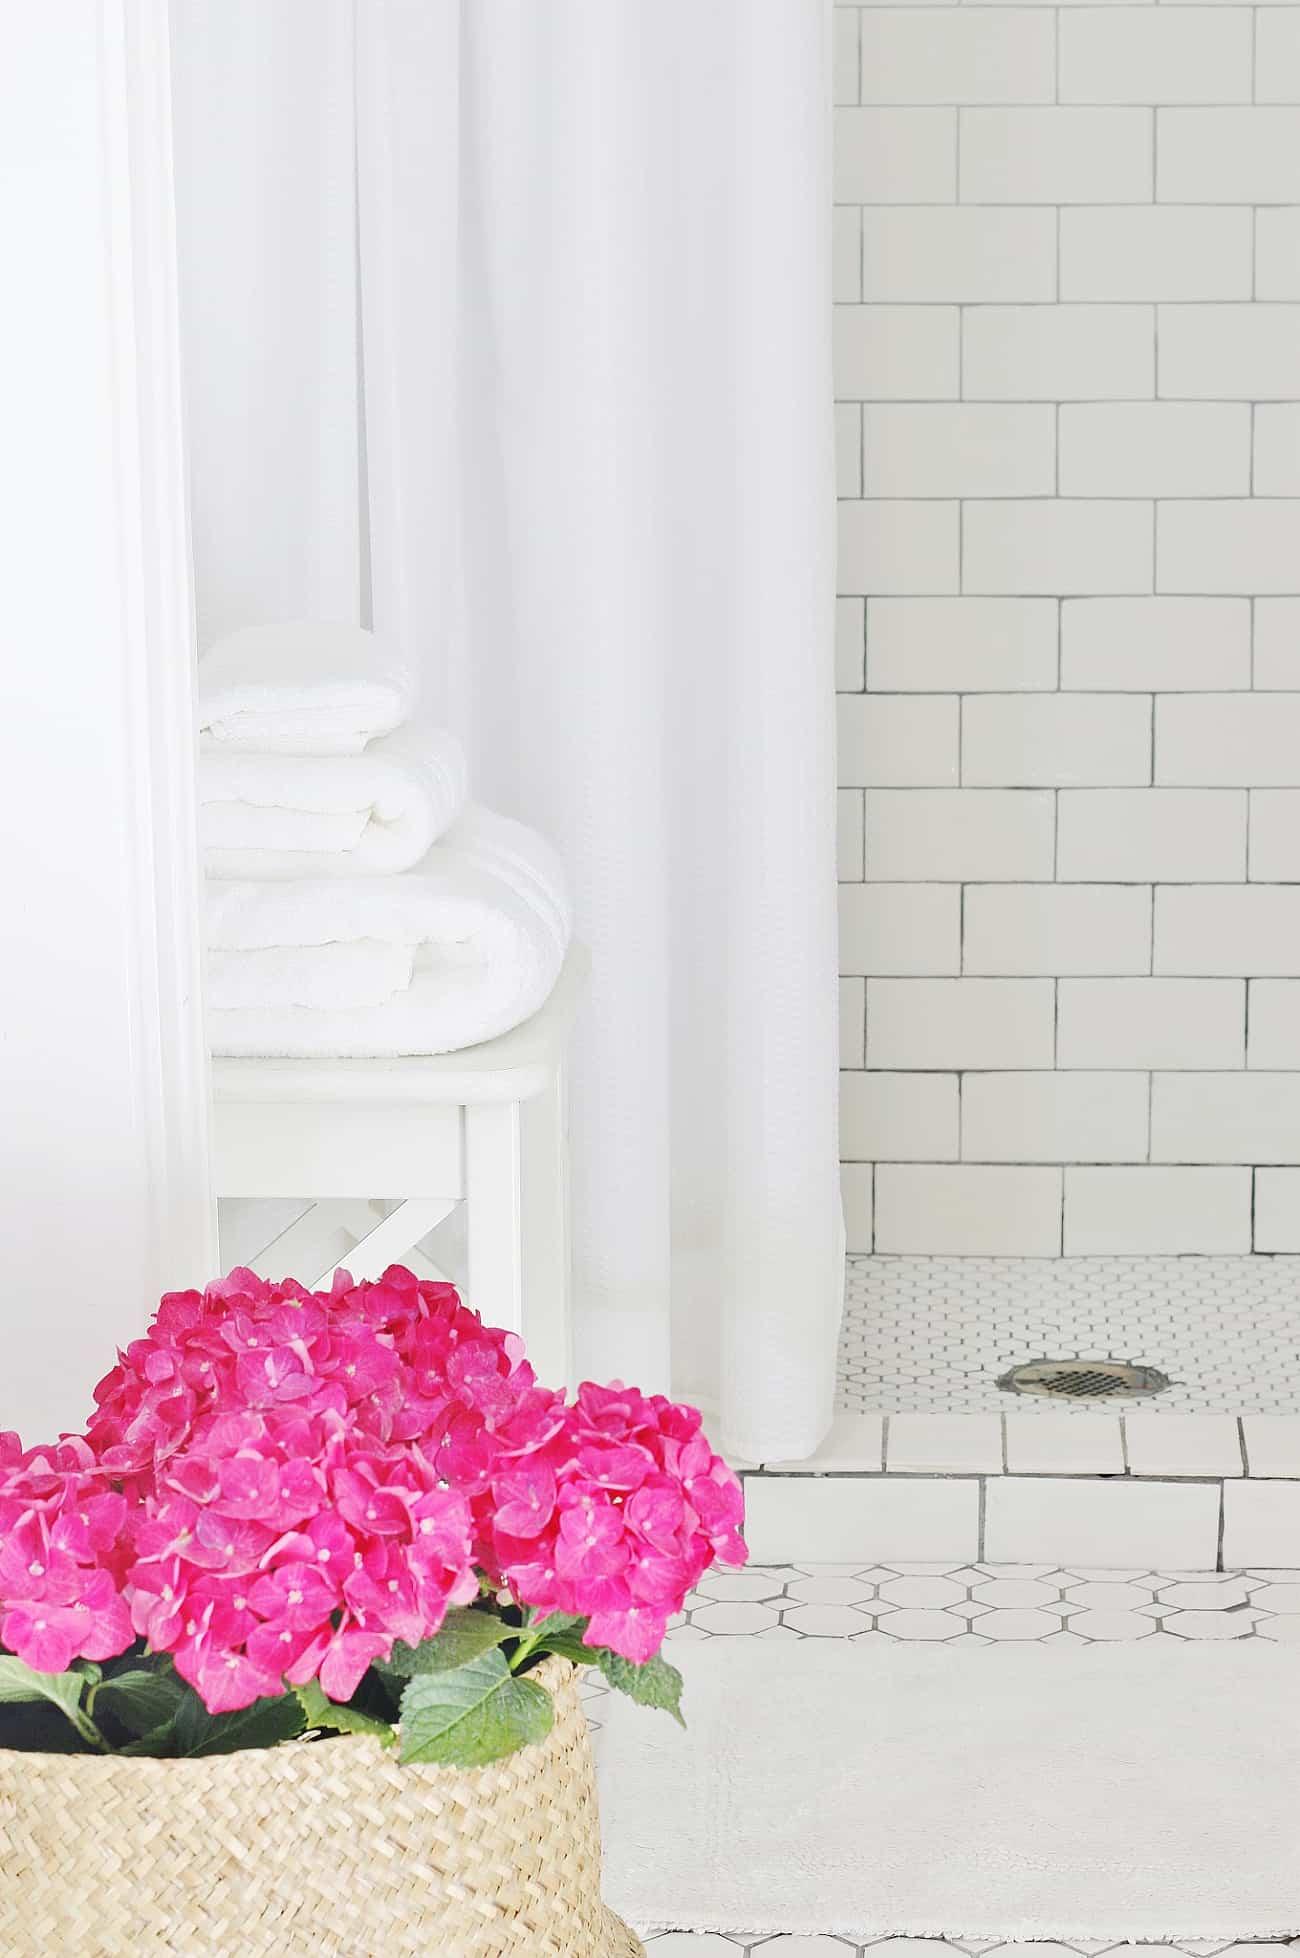 summer bathroom refresh with hydrangeas